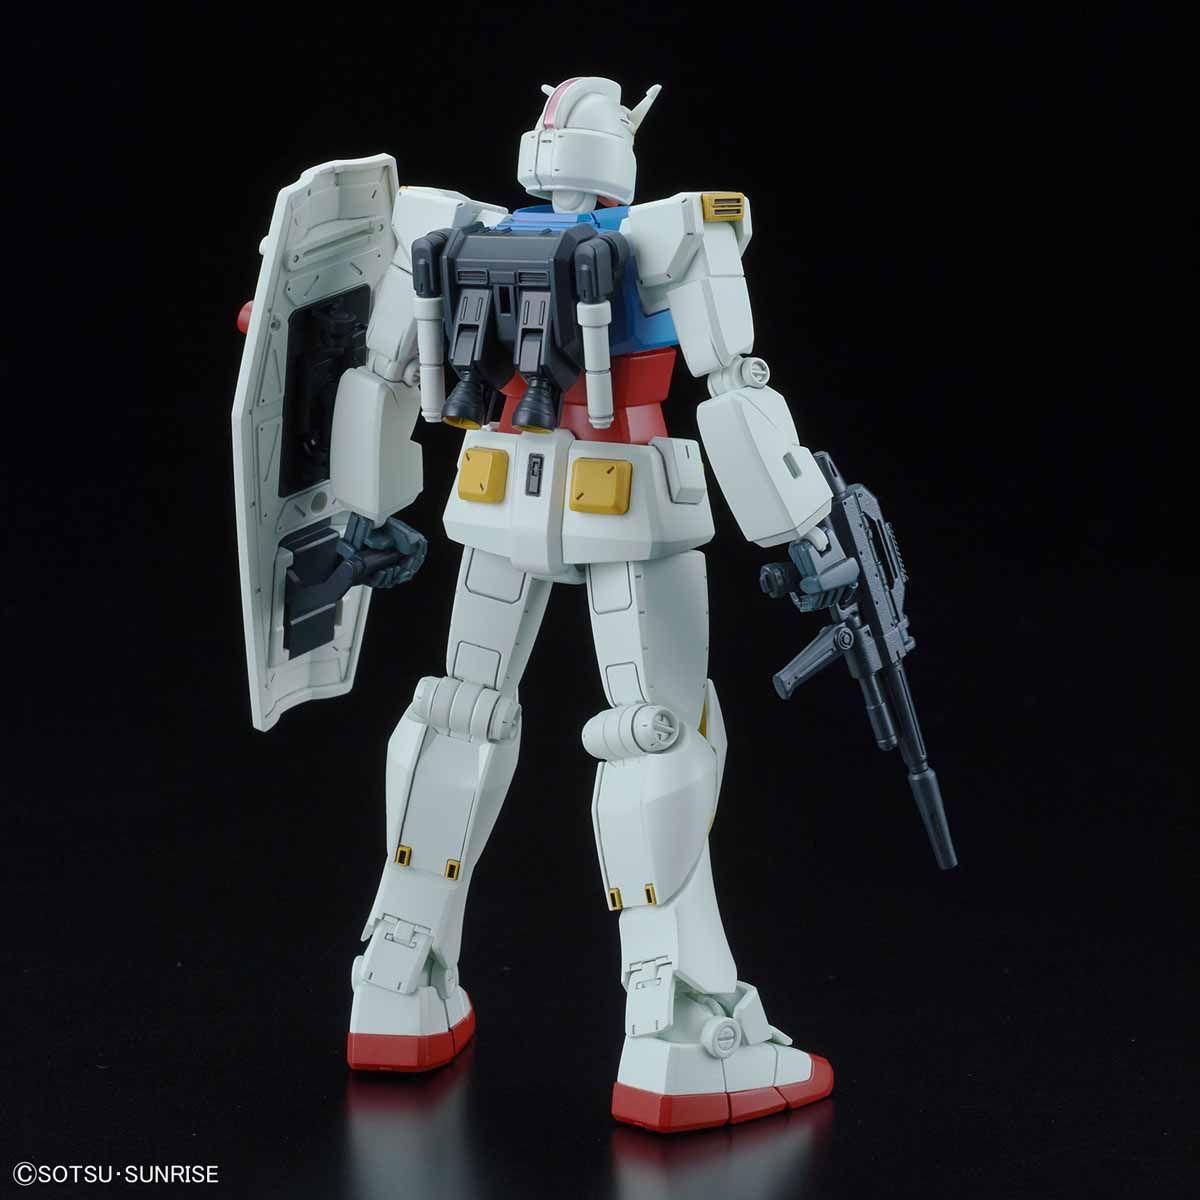 【再販】HG 1/144『ガンダムG40(Industrial Design Ver.)』プラモデル-004